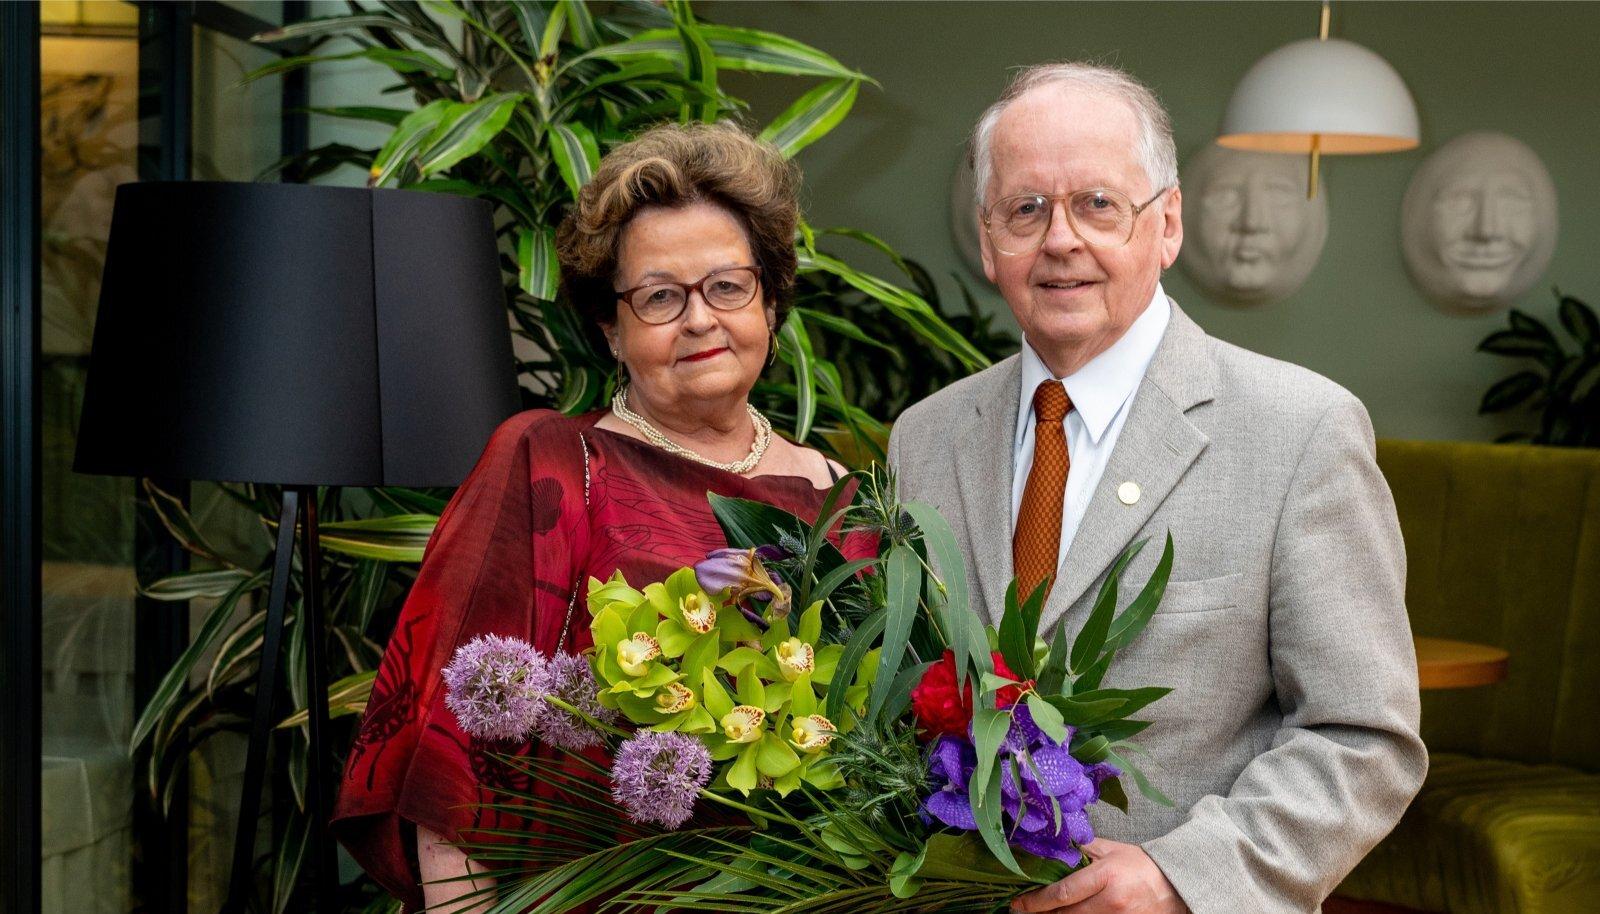 KALLI ÕEGA Kuna Ennu vanemad ja abikaasa on juba teispoolsuses, siis on üheksa aastat noorem õde Andra Veidemann talle üks lähedasemaid inimesi. Mõlemad on poliitikud, ja ka Andra on teinud telesaateid.